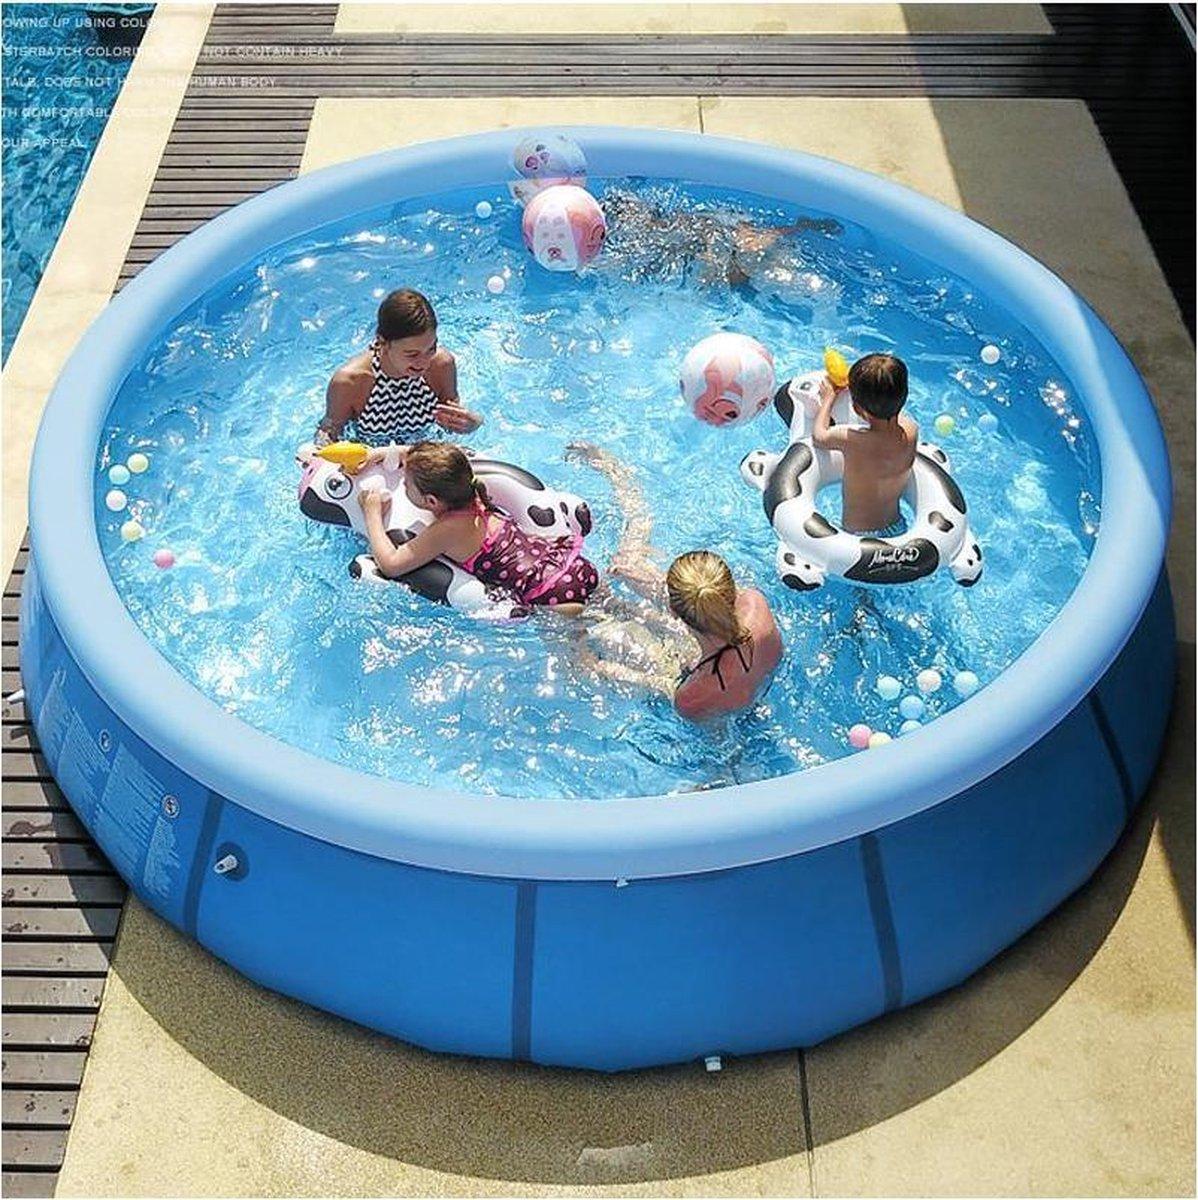 Opblaasbaar zwembad 300*76cm blauw